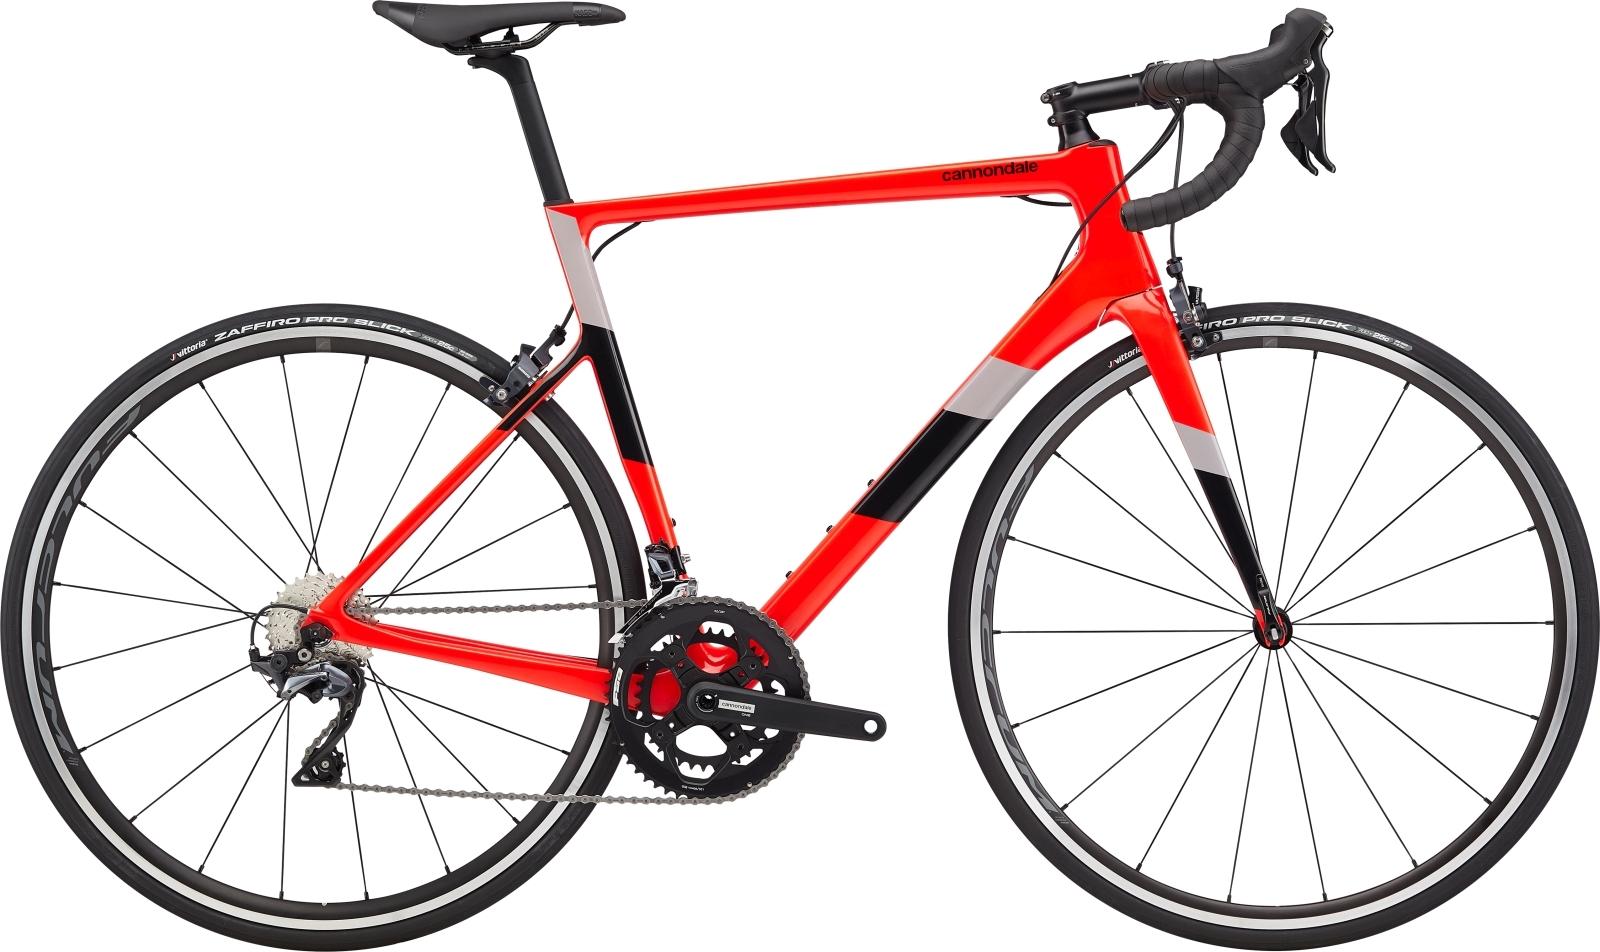 Cannondale Super Six Evo Carbon Ultegra 2 52/36 országúti kerékpár - piros - 56 cm (2020)